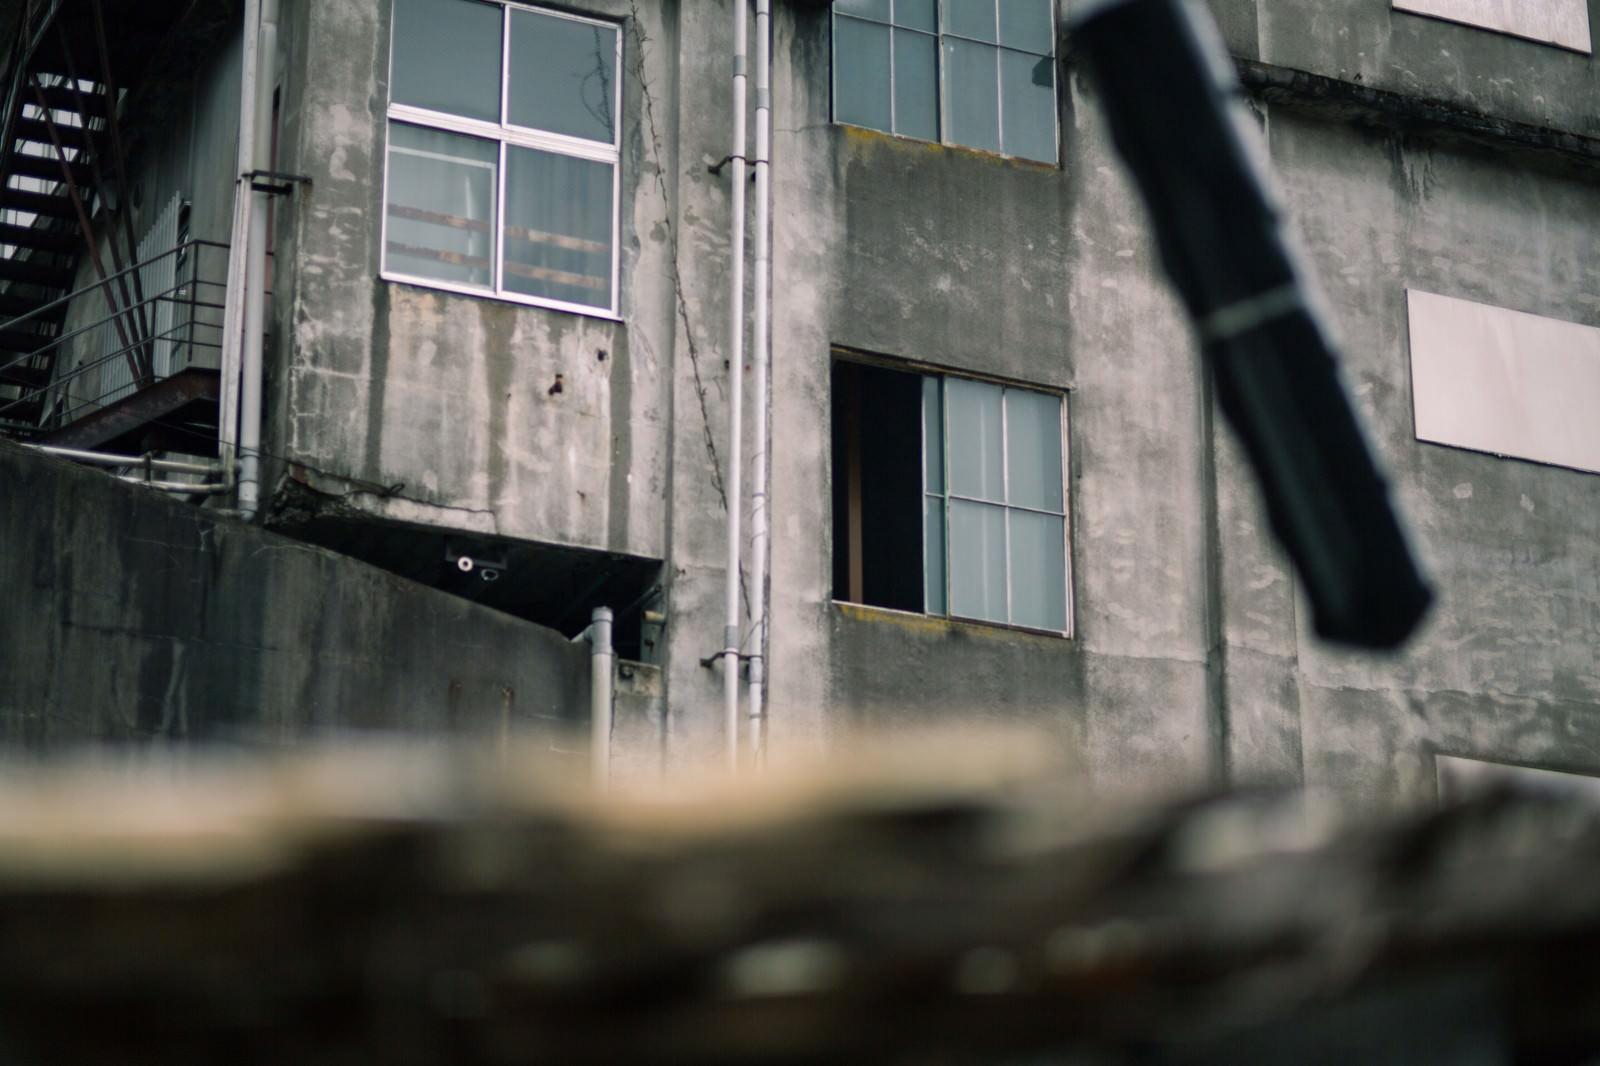 「窓が空いた不気味な廃墟」の写真